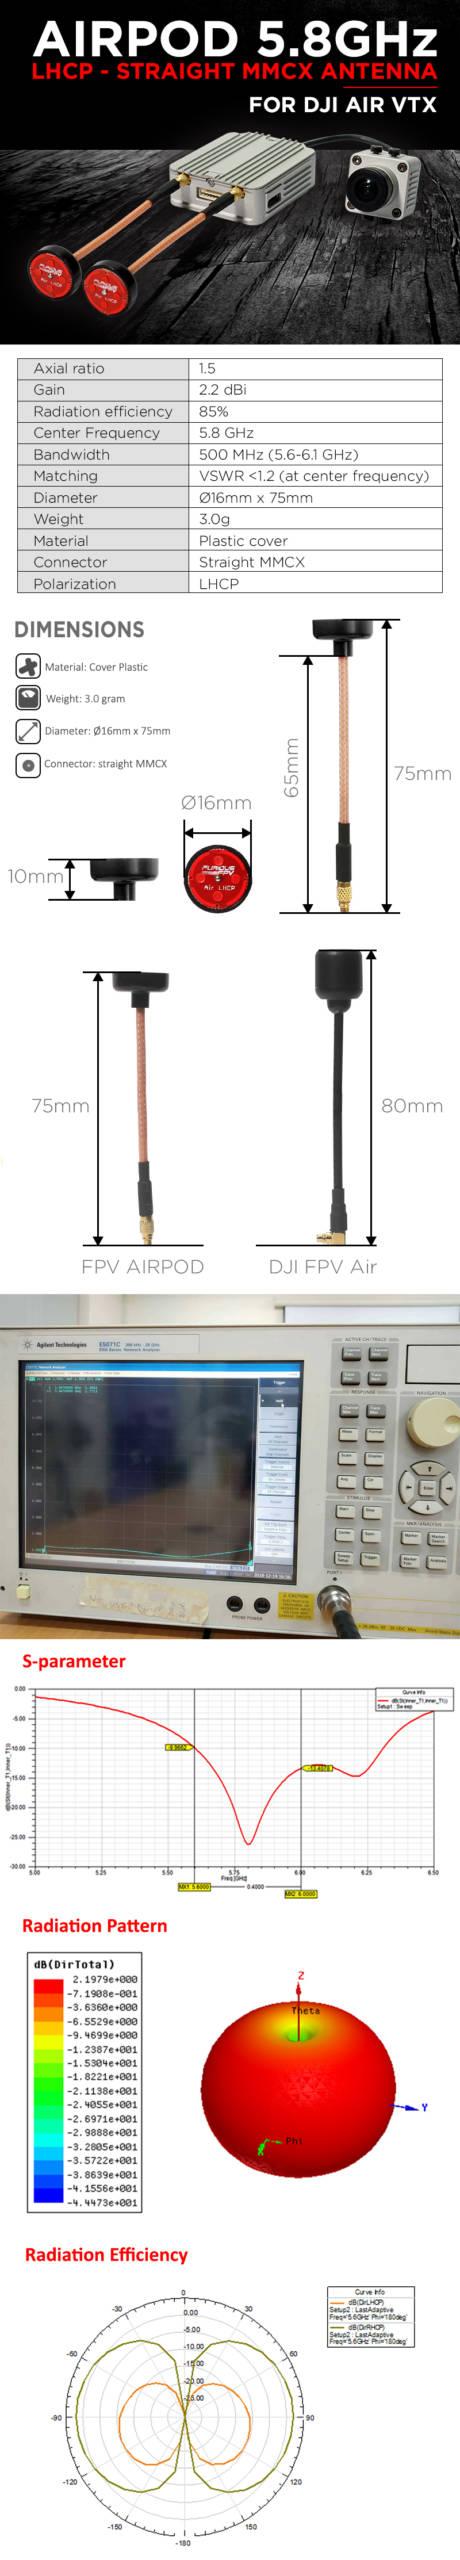 Furious FPV - Airpod 5.8GHz LHCP - Straight MMCX ANTENNA for DJI AIR VTx 2